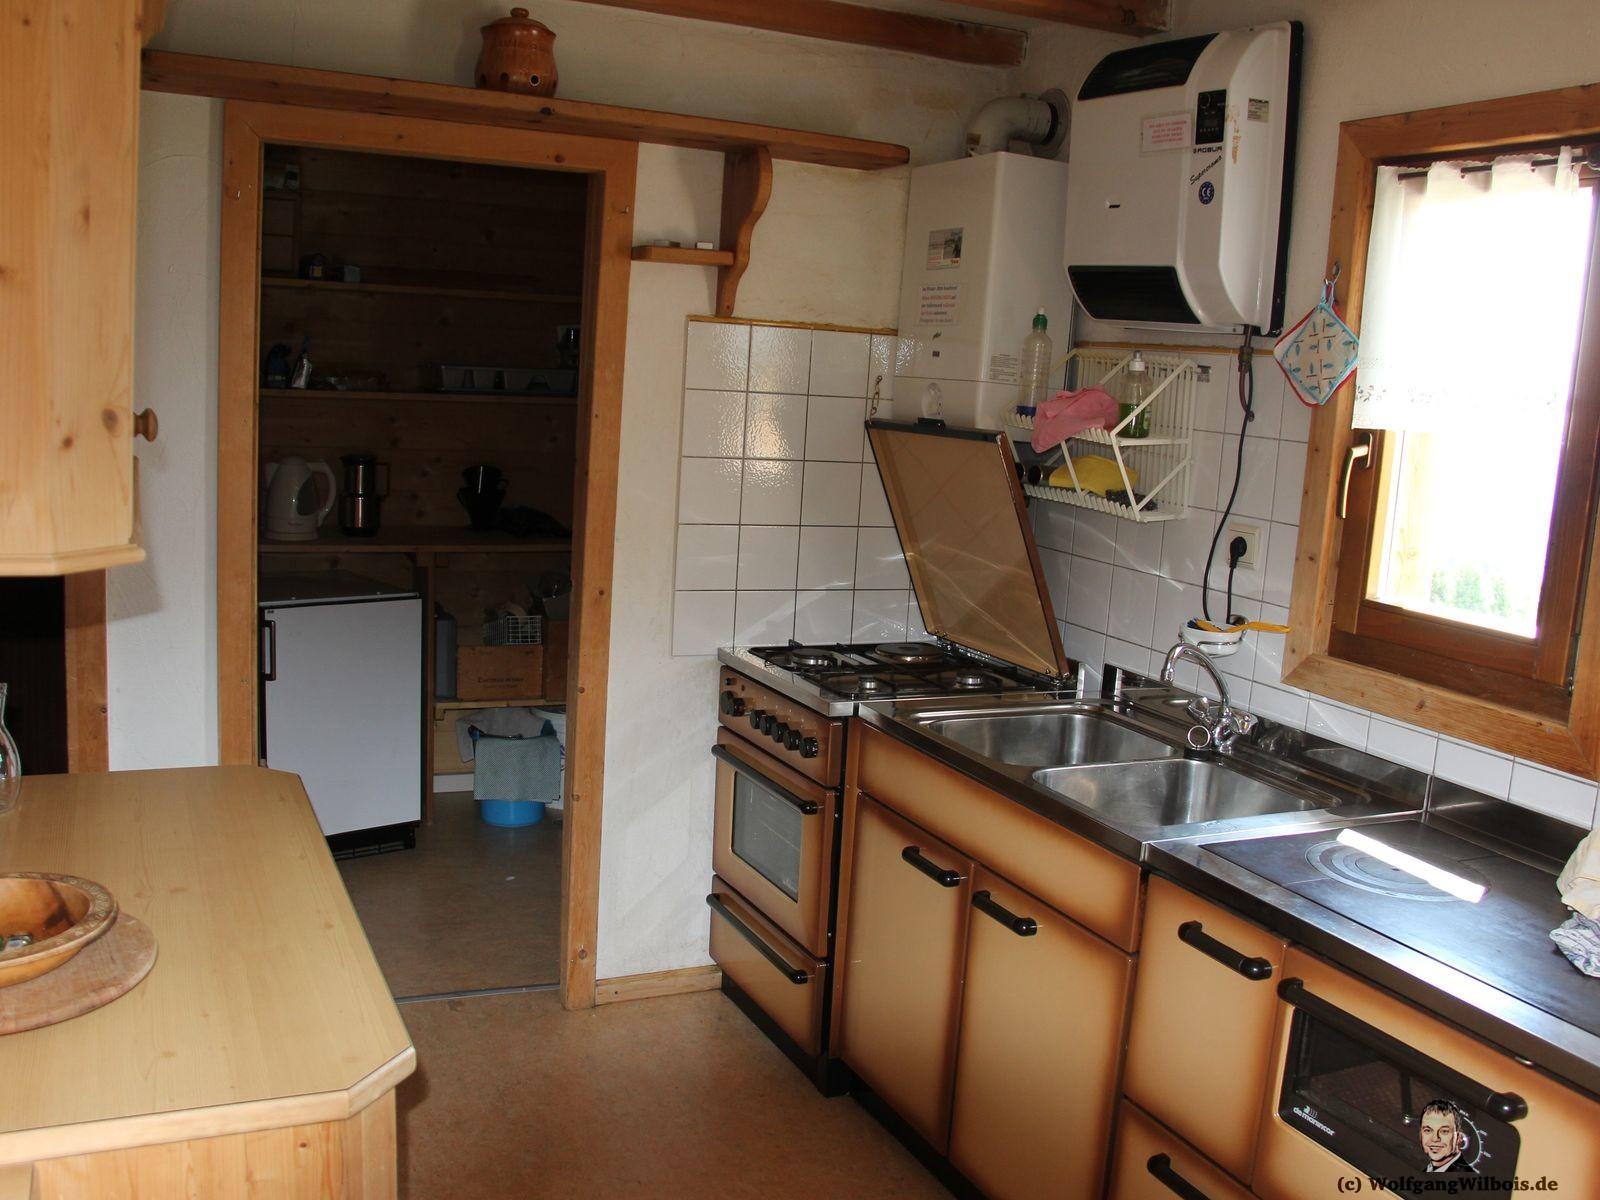 Charmant Hütte Küche Renovieren Blog Ideen - Ideen Für Die Küche ...